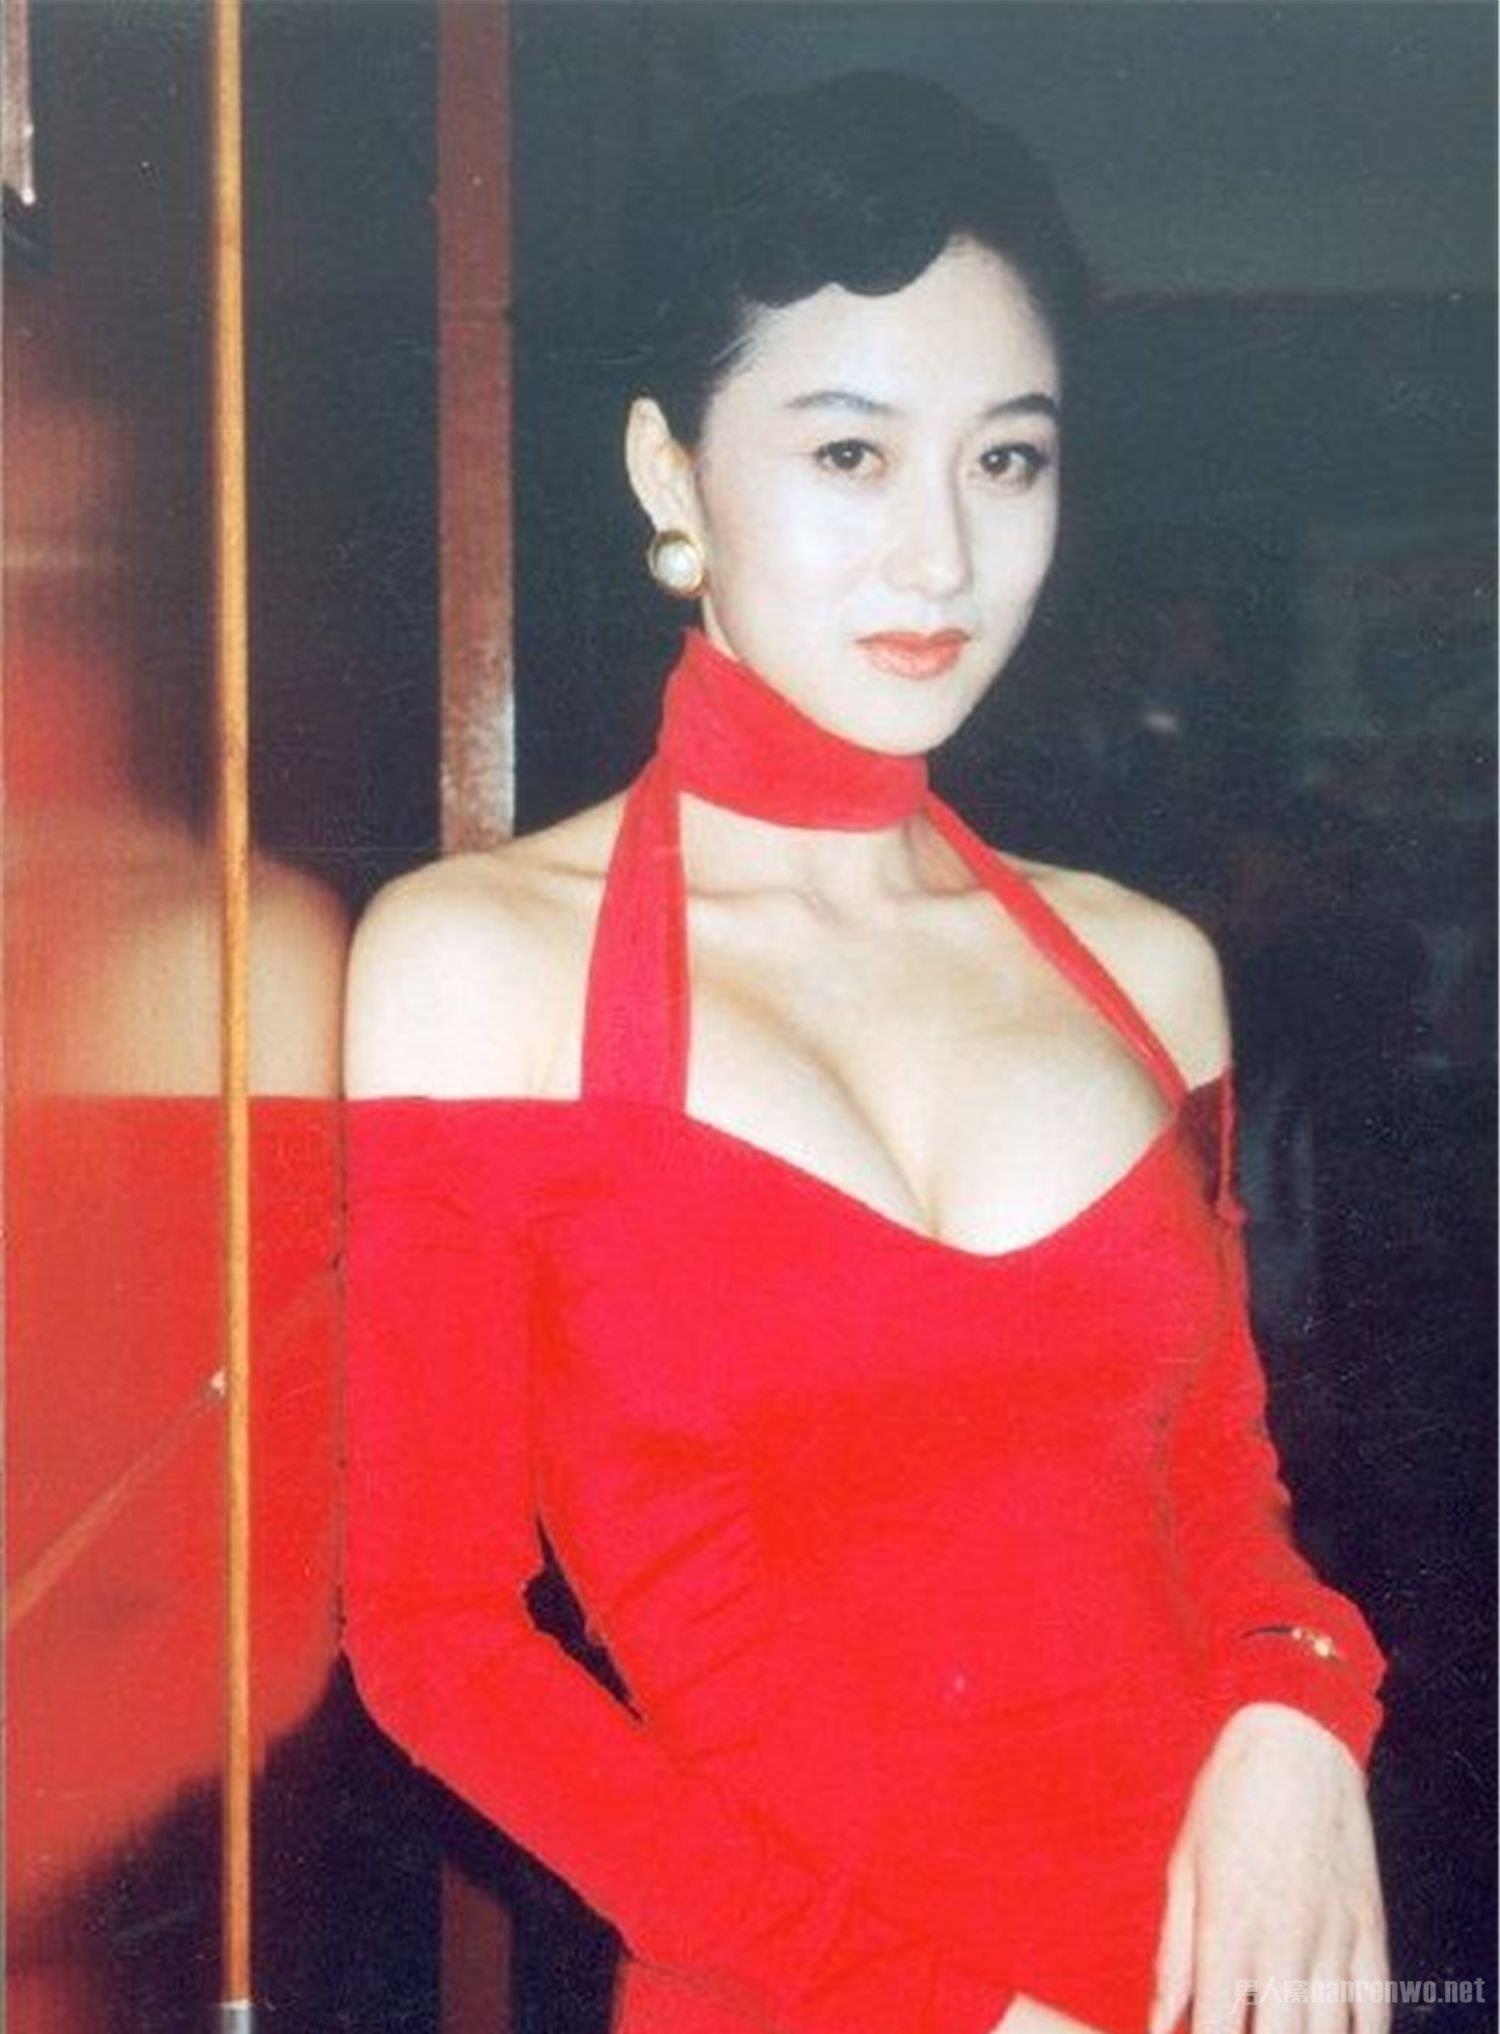 Vợ Lý Liên Kiệt - từ biểu tượng sex thành hoa hậu bí ẩn nhất showbiz-2